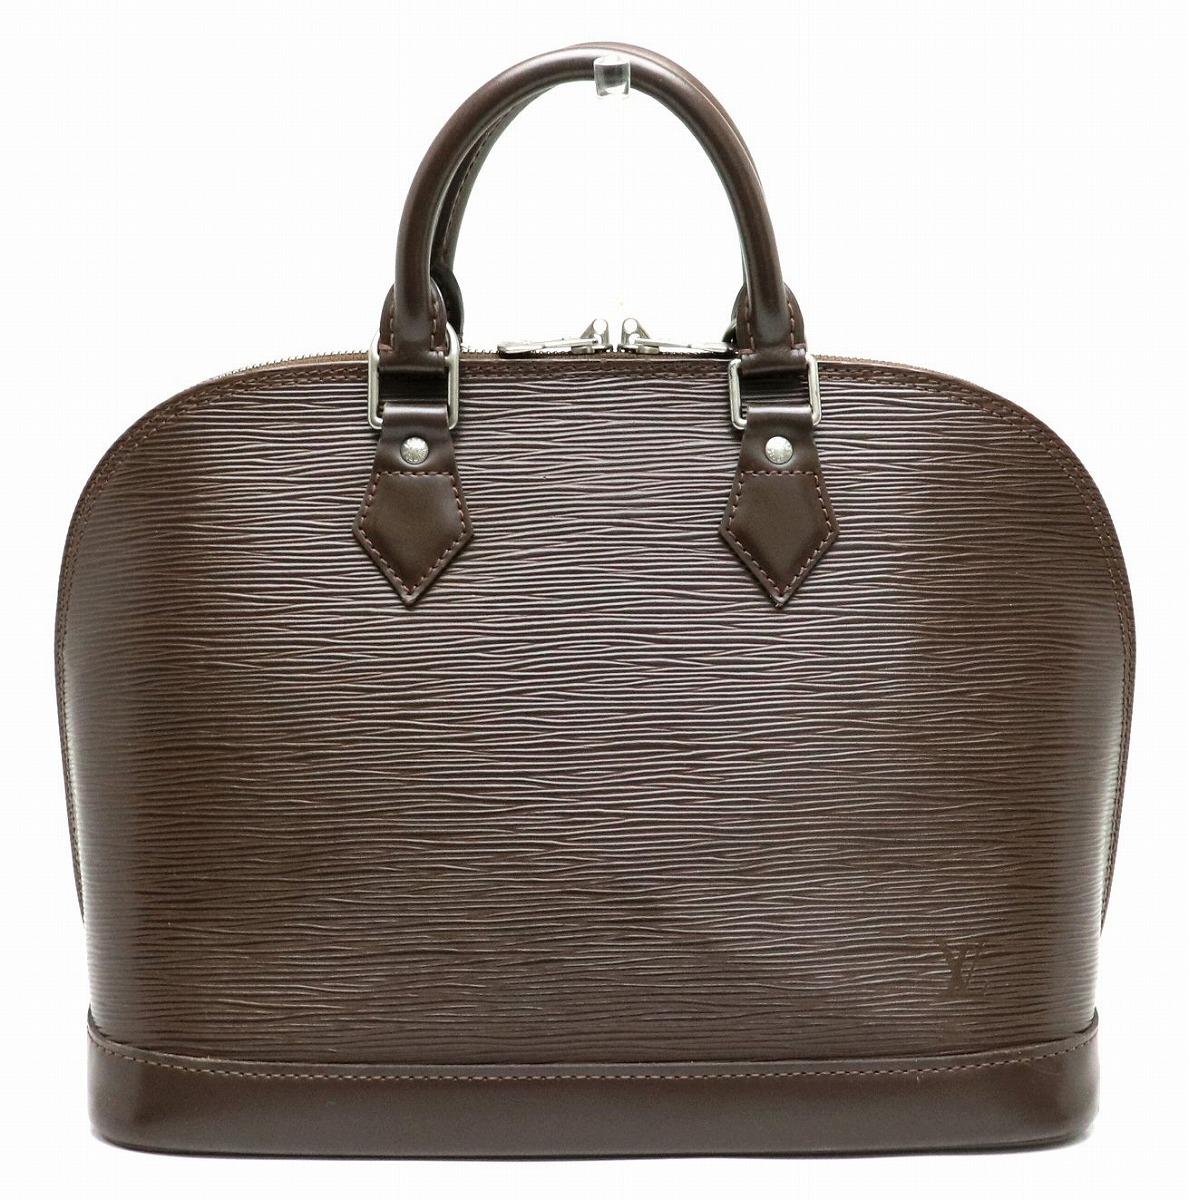 【バッグ】LOUIS VUITTON ルイ ヴィトン エピ アルマ ハンドバッグ レザー モカ 茶 ブラウン M5214D 【中古】